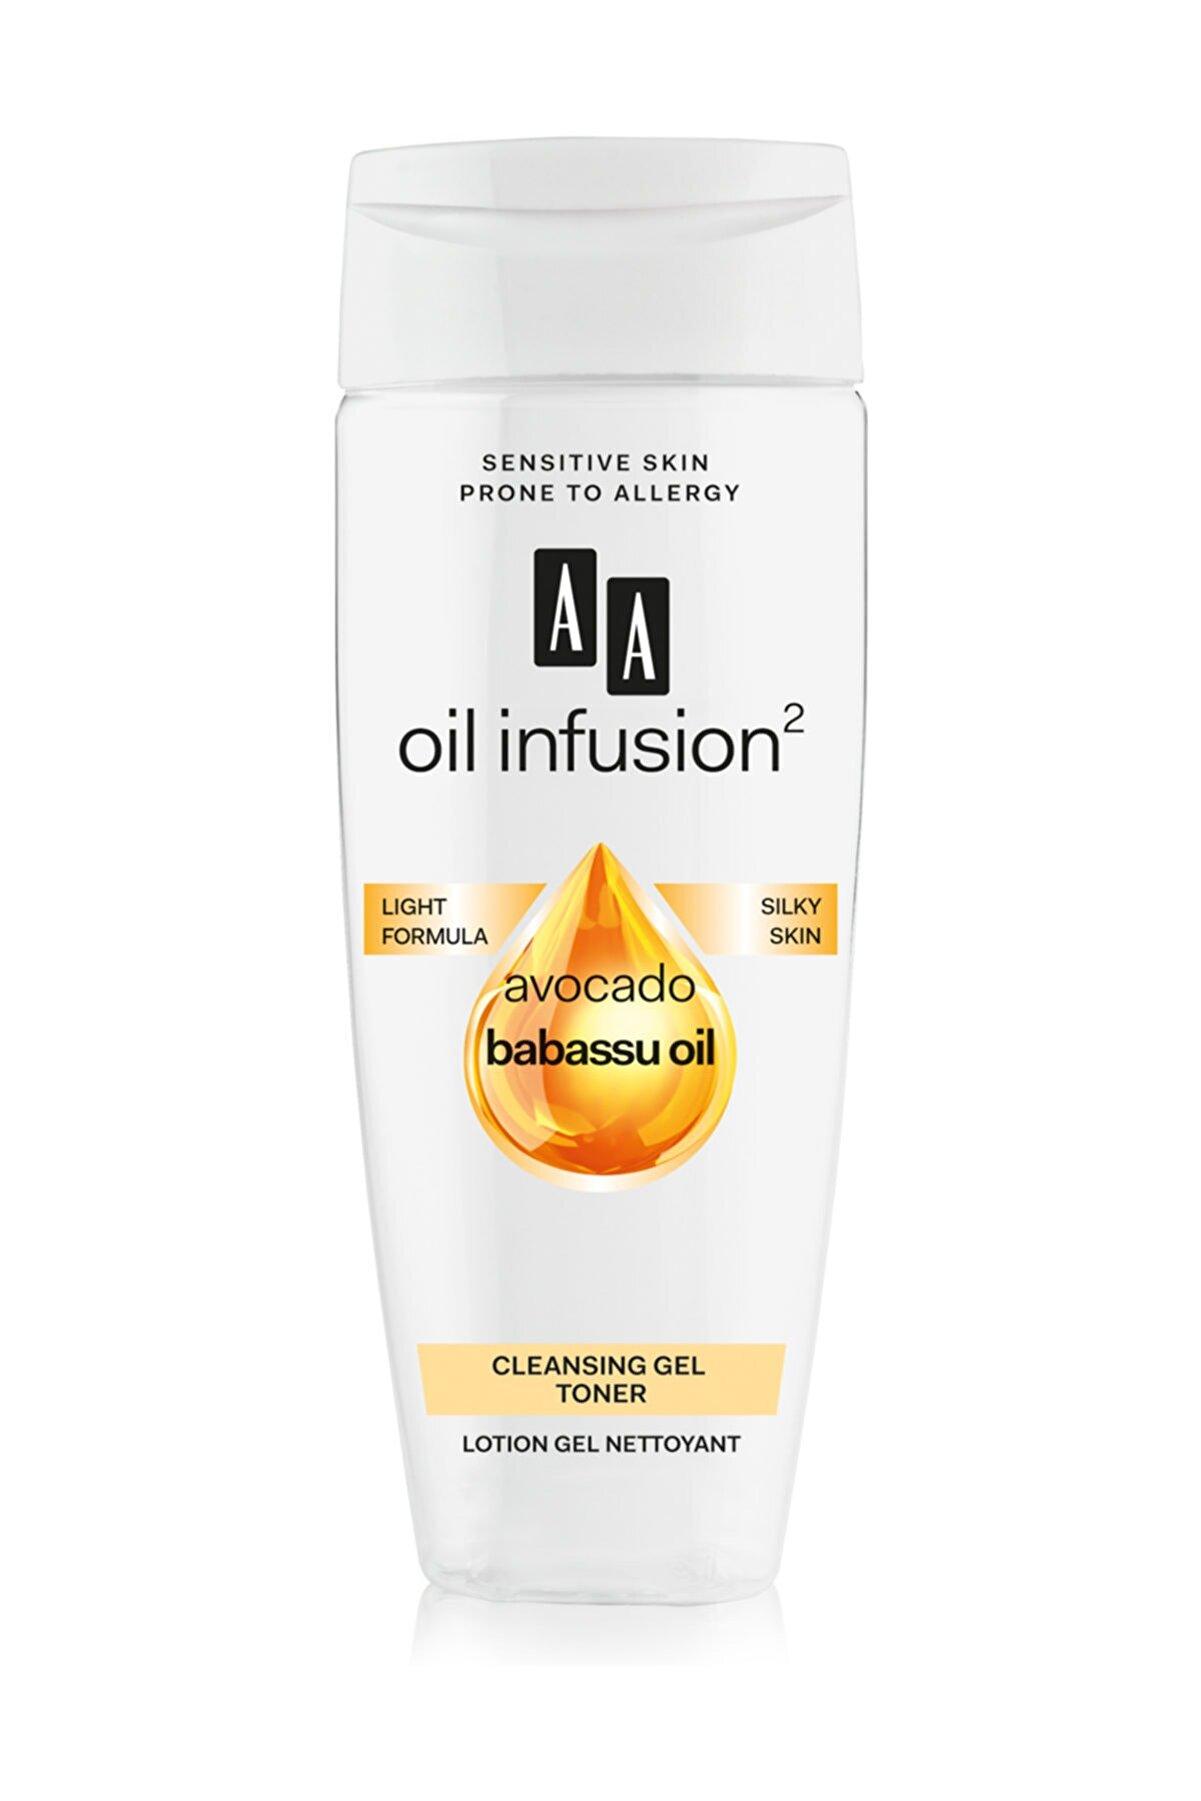 AA Cosmetics Oil Infusion2 Cilt Temizleyici Jel Tonik 200ml